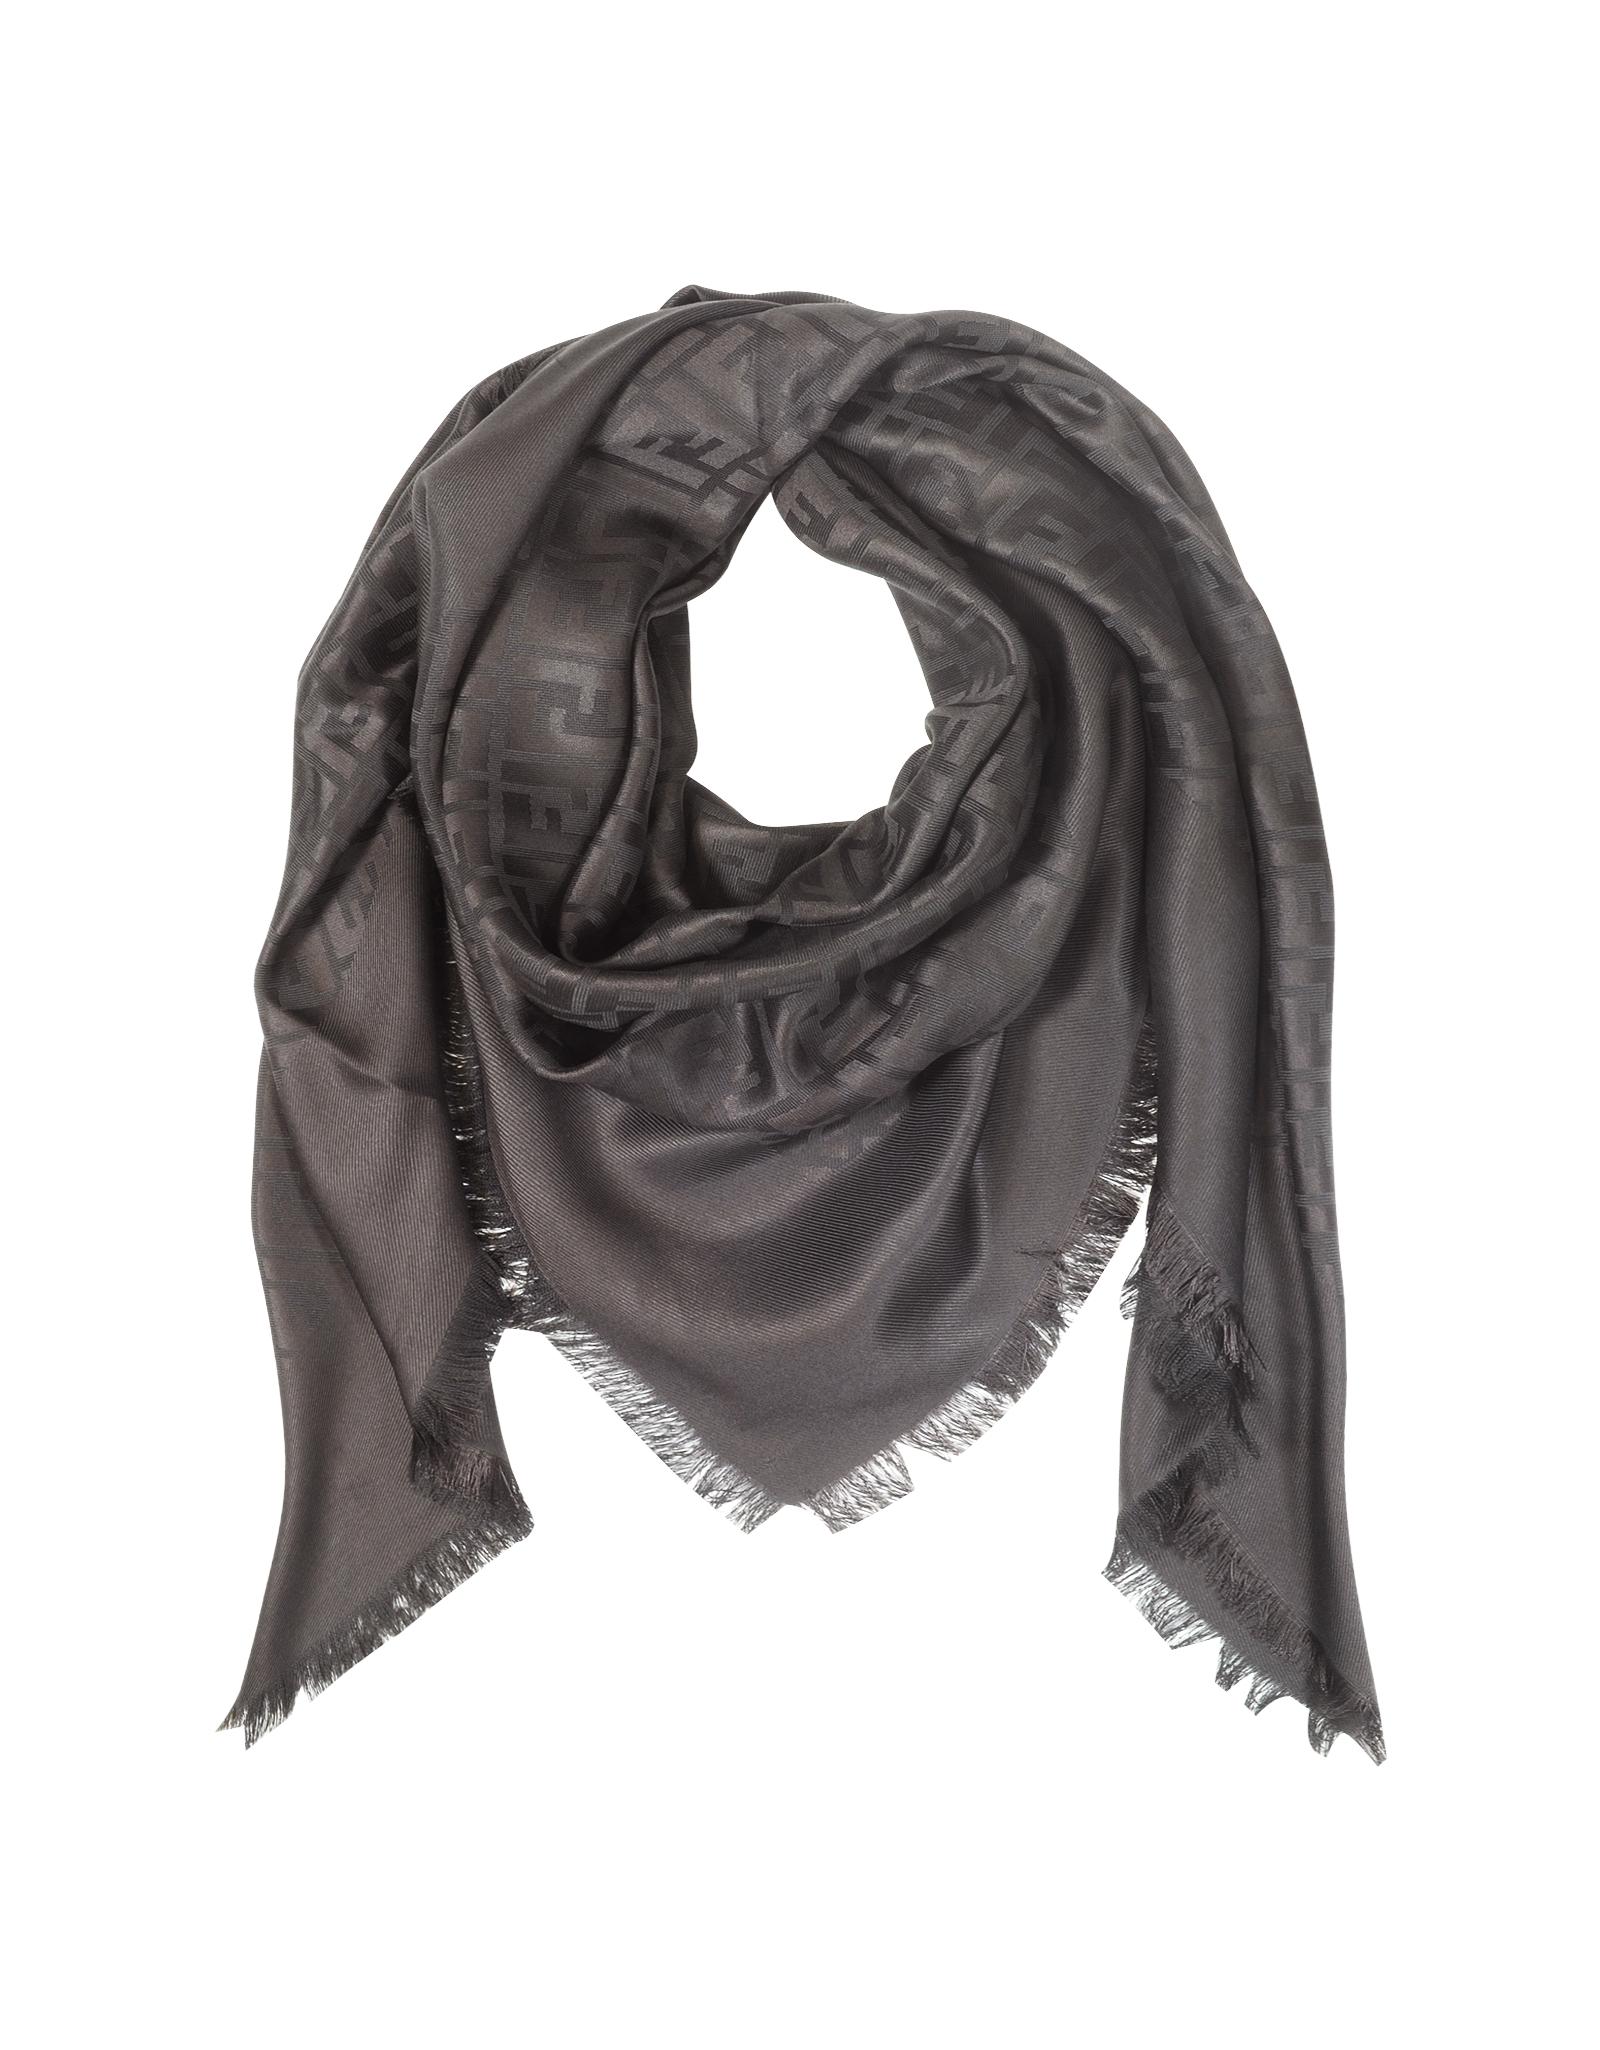 564403845 top quality fendi grey scarf 78732 50970